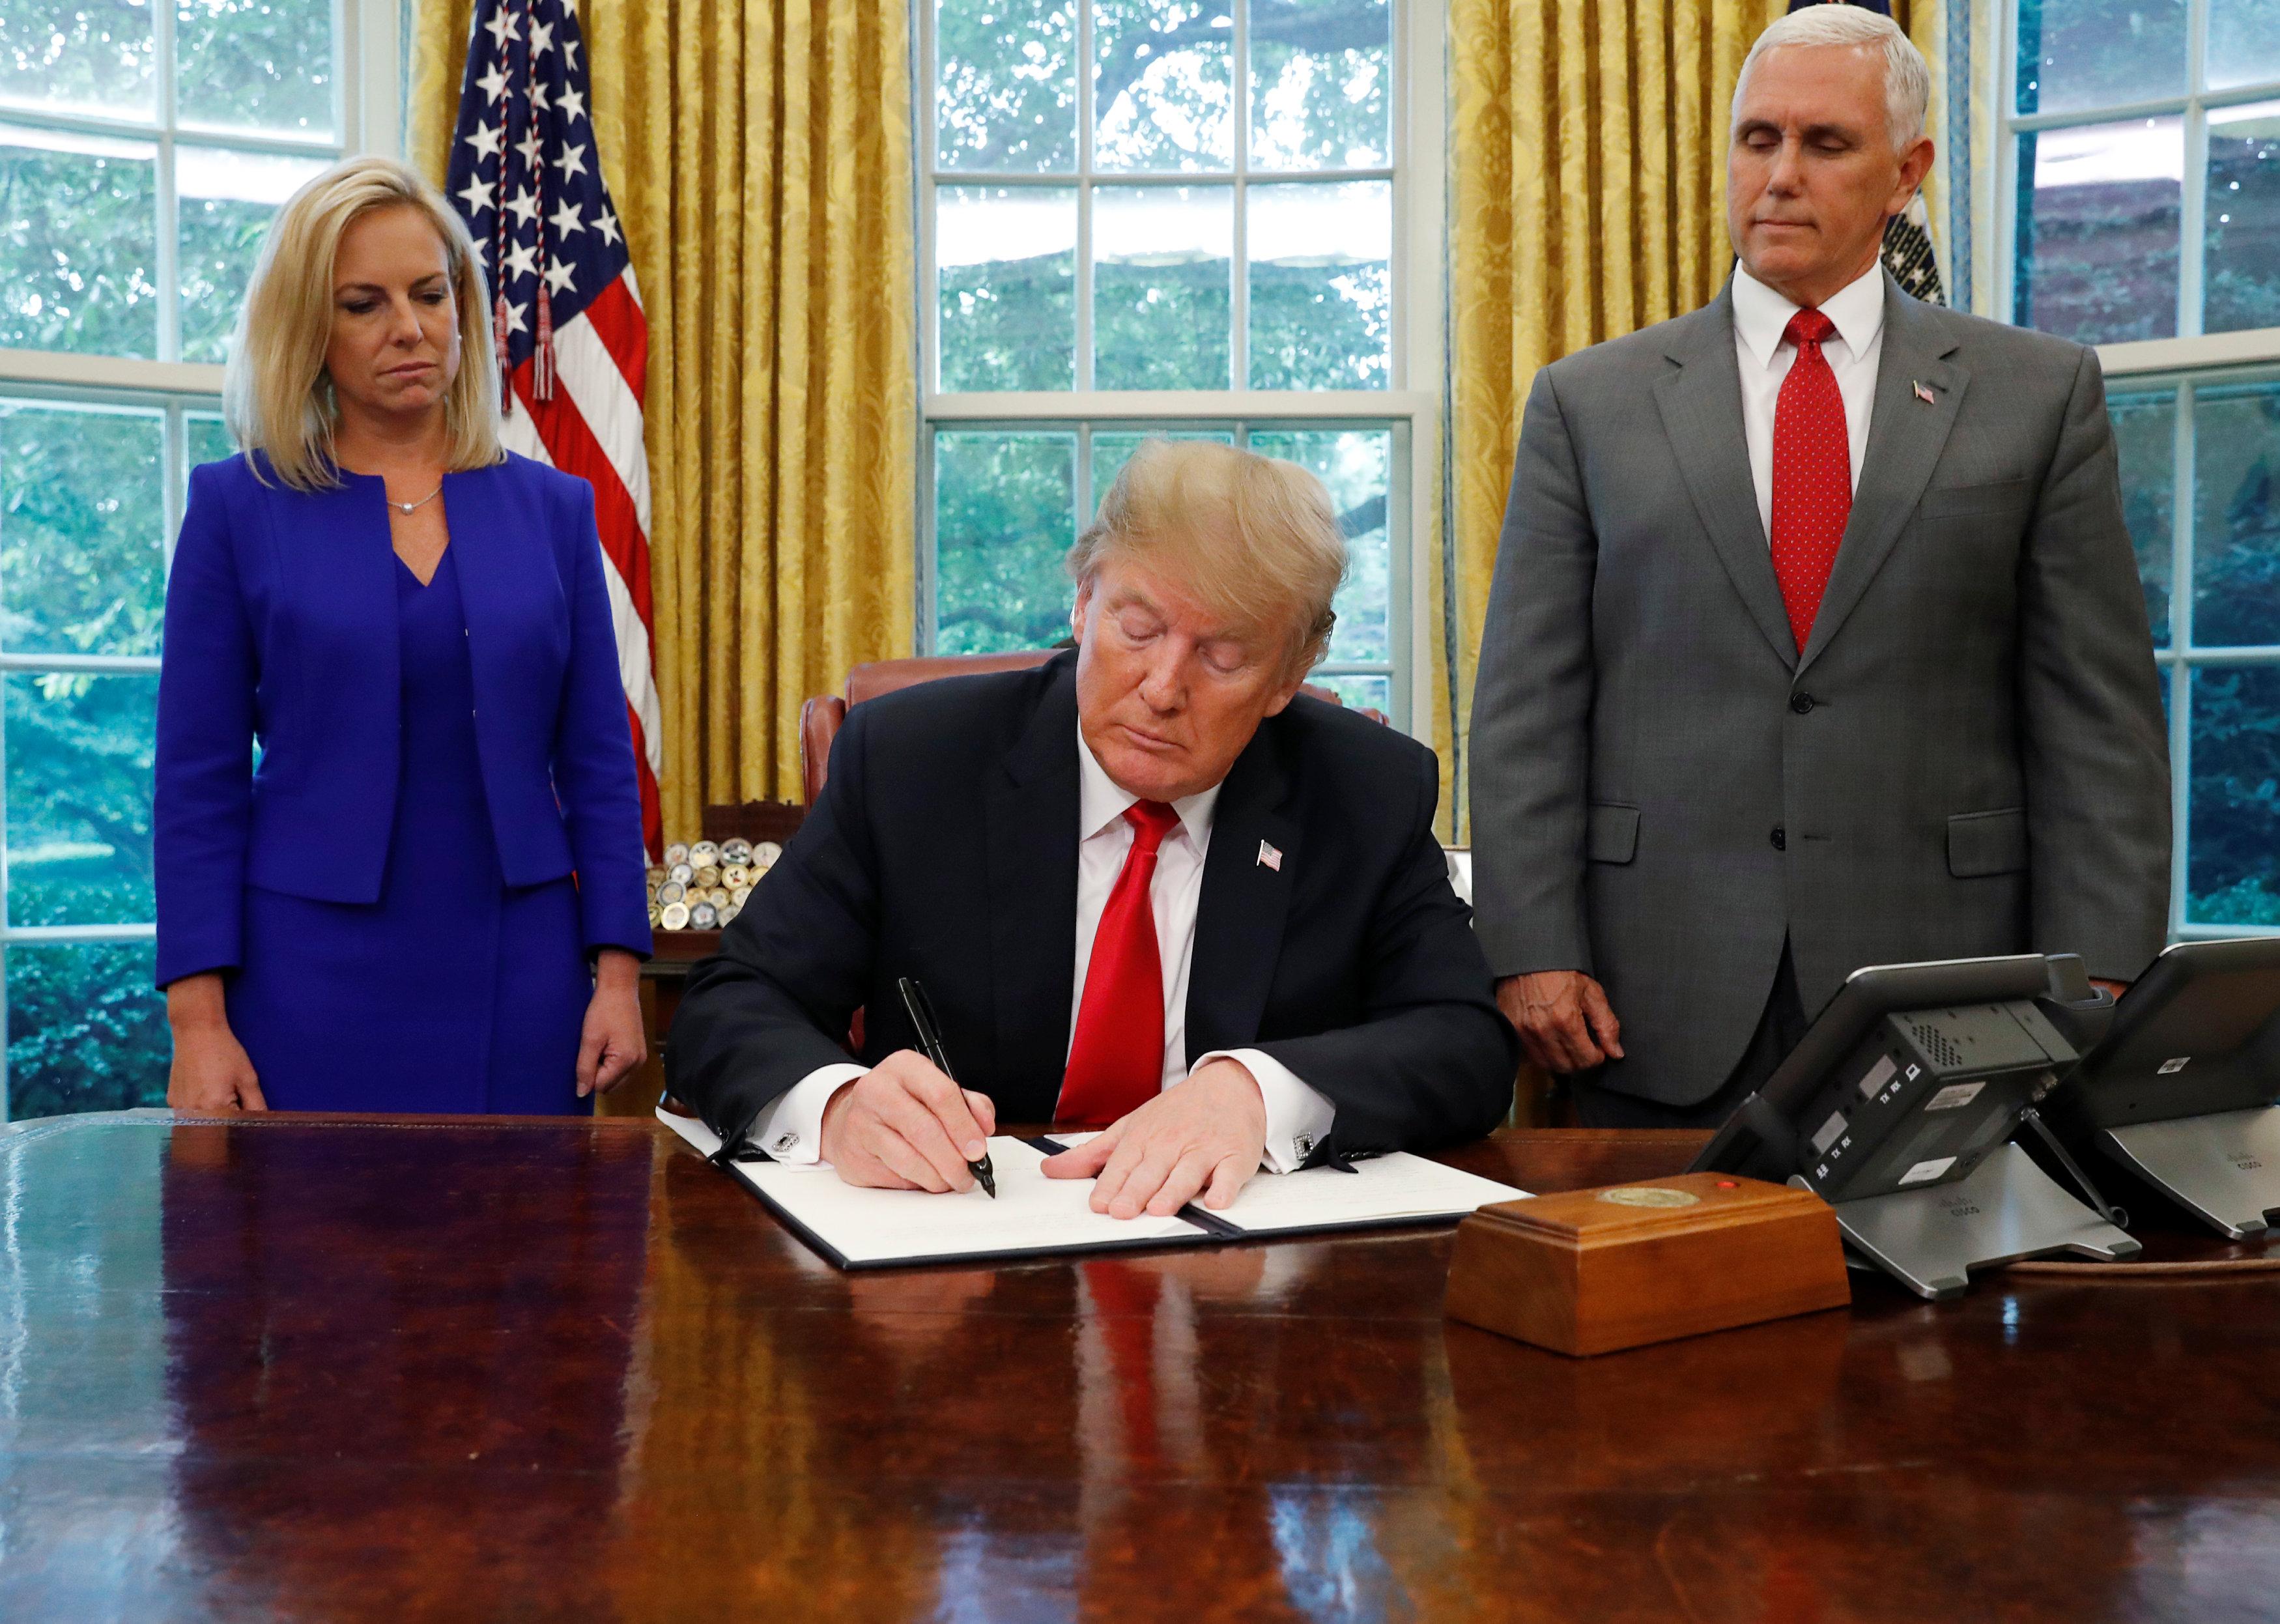 川普總統政策轉彎,在白宮簽署行政令,改變移民家庭處理原則。右立者為副總統潘斯,左立者為國土安全部長尼爾森。(路透)